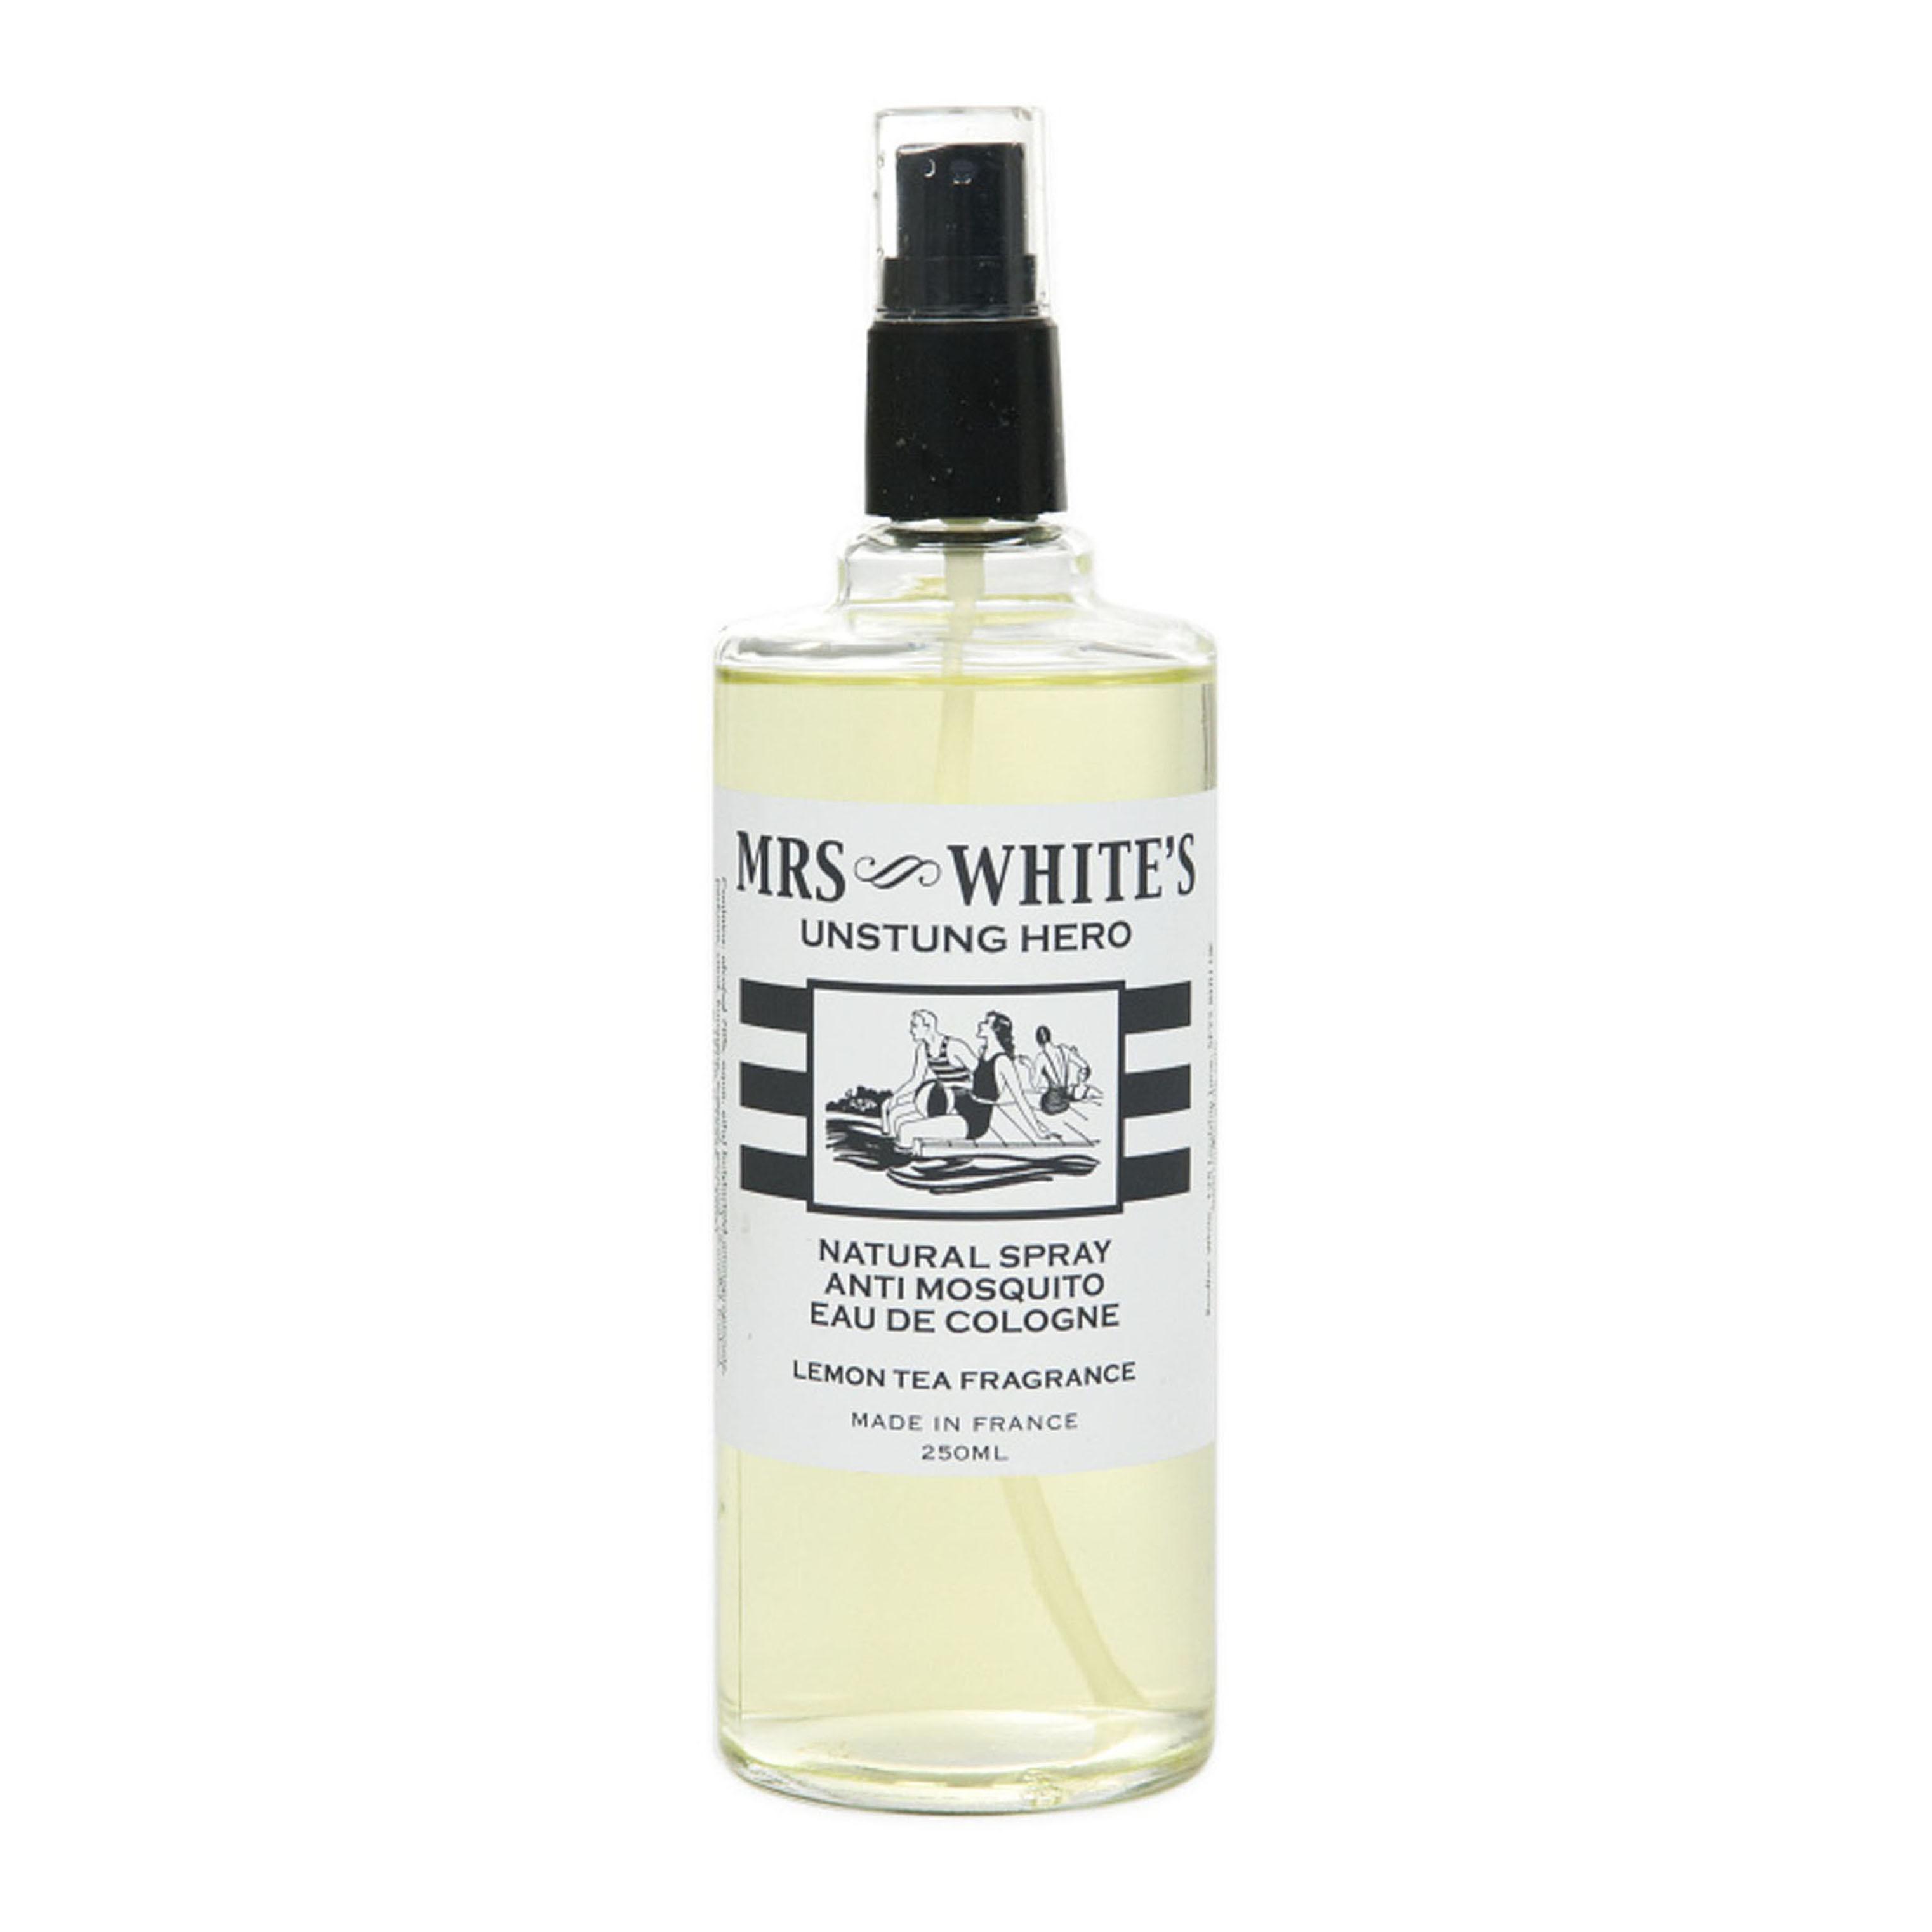 Mrs White's  Unstung Hero Anti Mosquito Eau de Cologne 250 ml